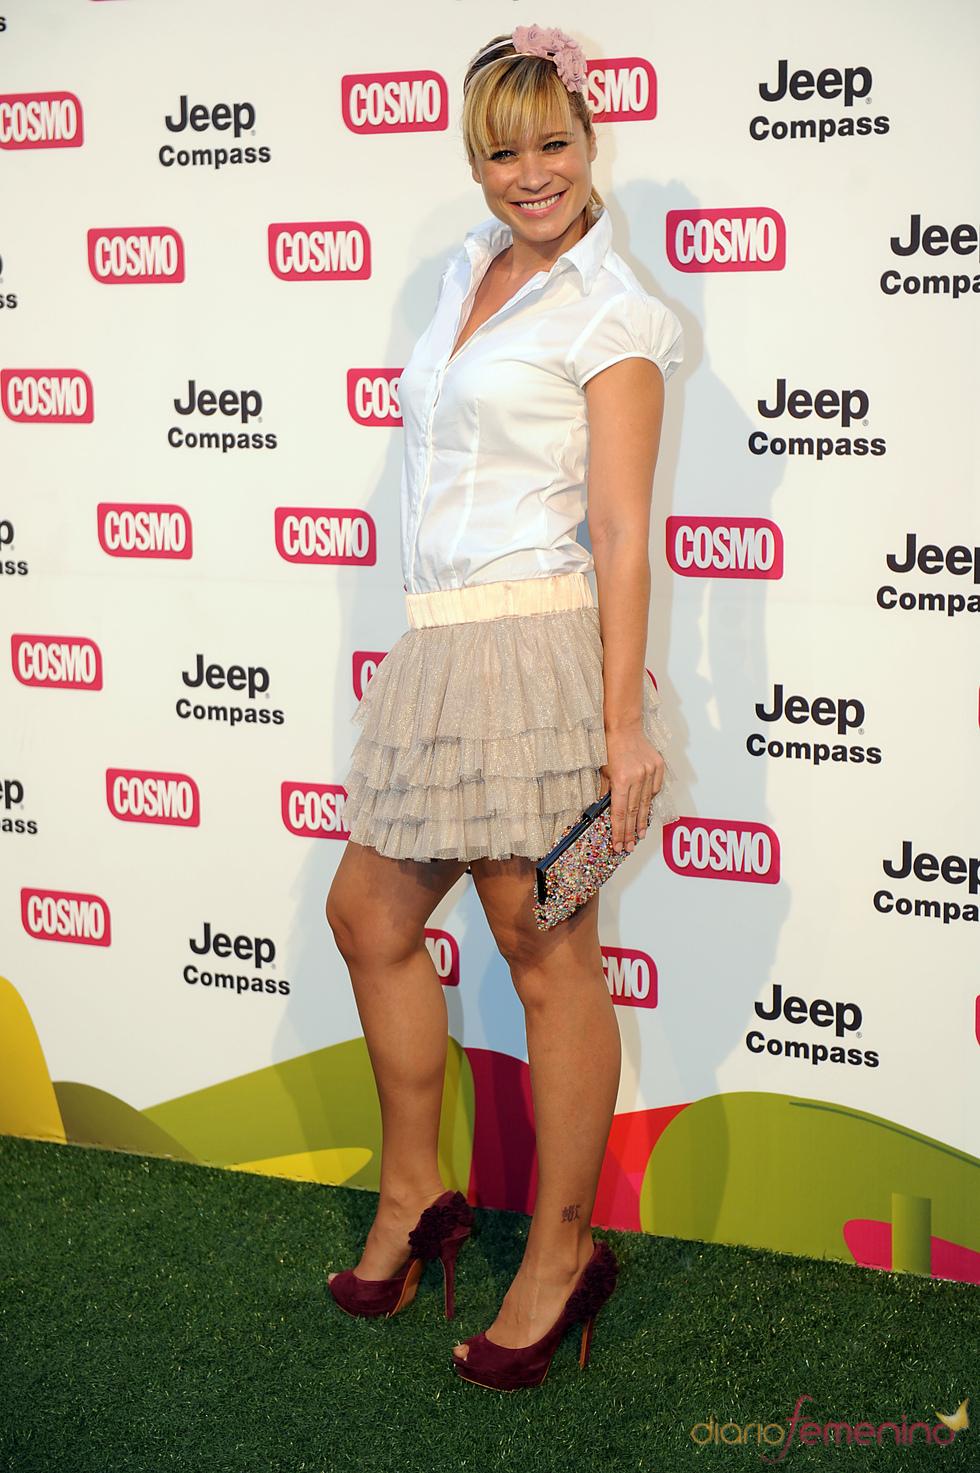 Carla Hidalgo en los Premios Pétalo de Cosmopólitan 2011